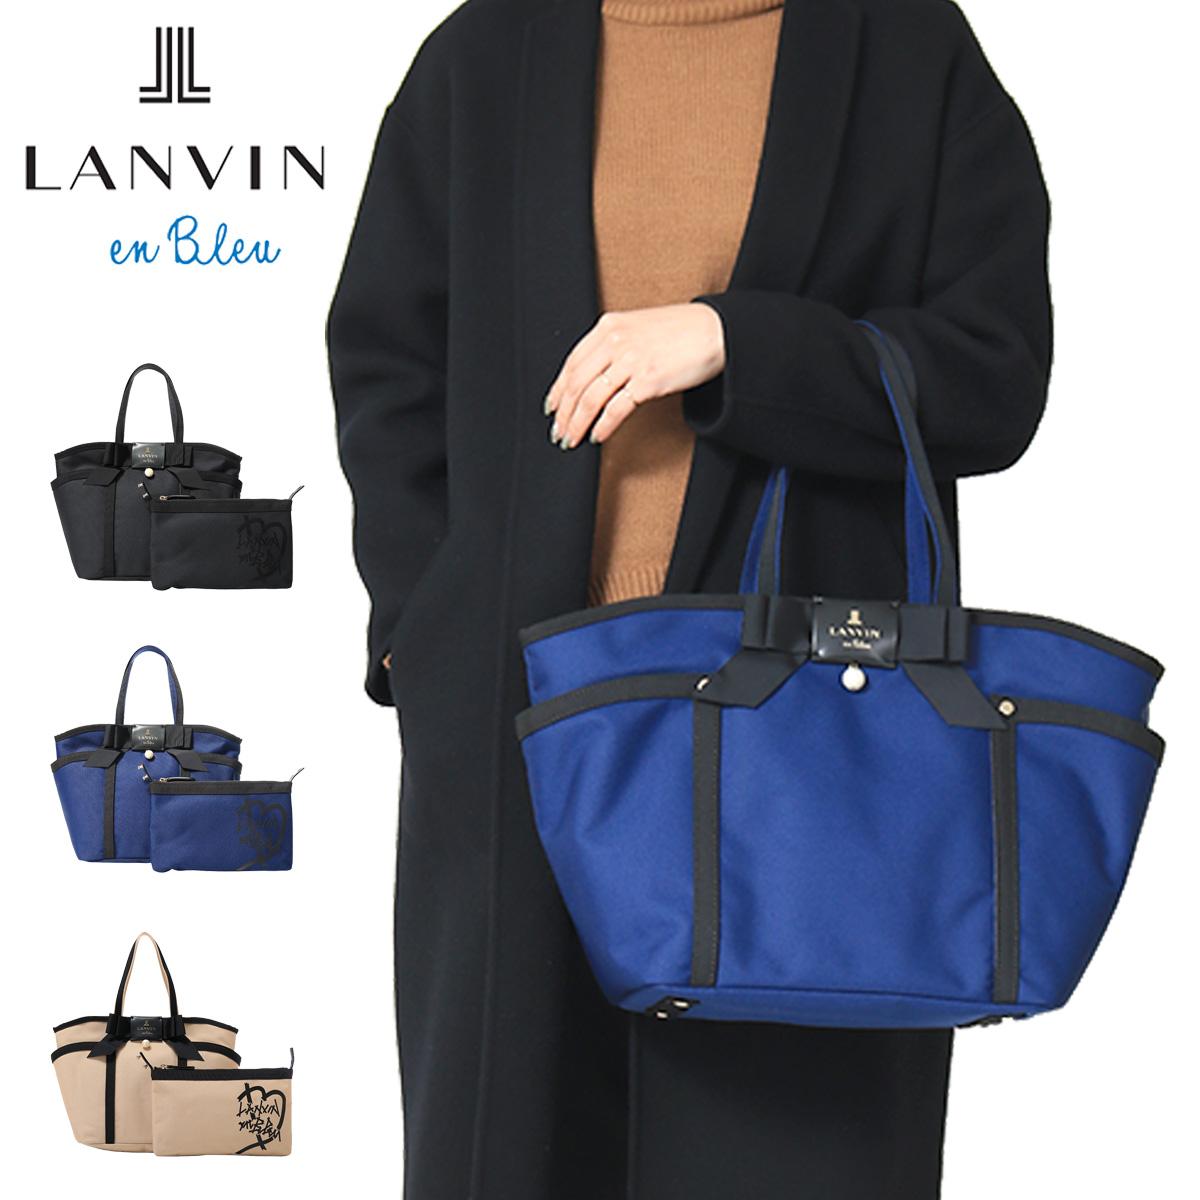 ランバンオンブルー トートバッグ レディース ジュール 481611 LANVIN en Bleu[bef][即日発送]